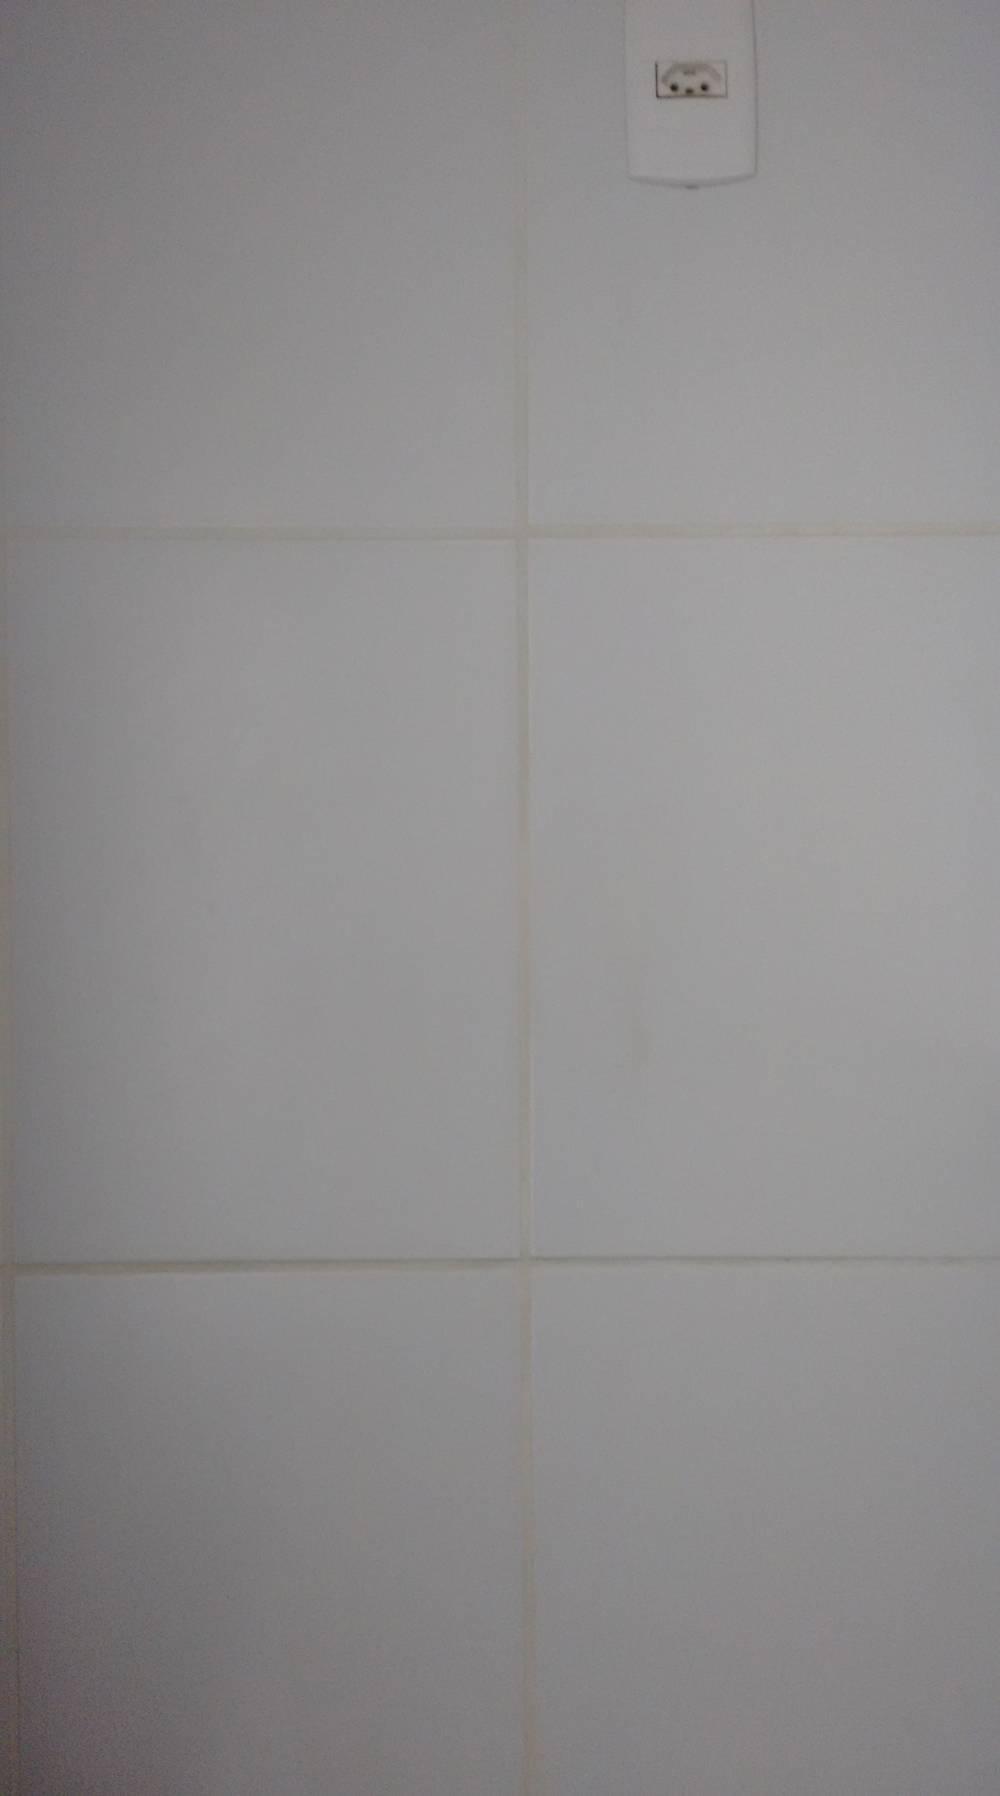 Valores de Reparo Residencial no Belenzinho - Reparos Residenciais na Zona Leste